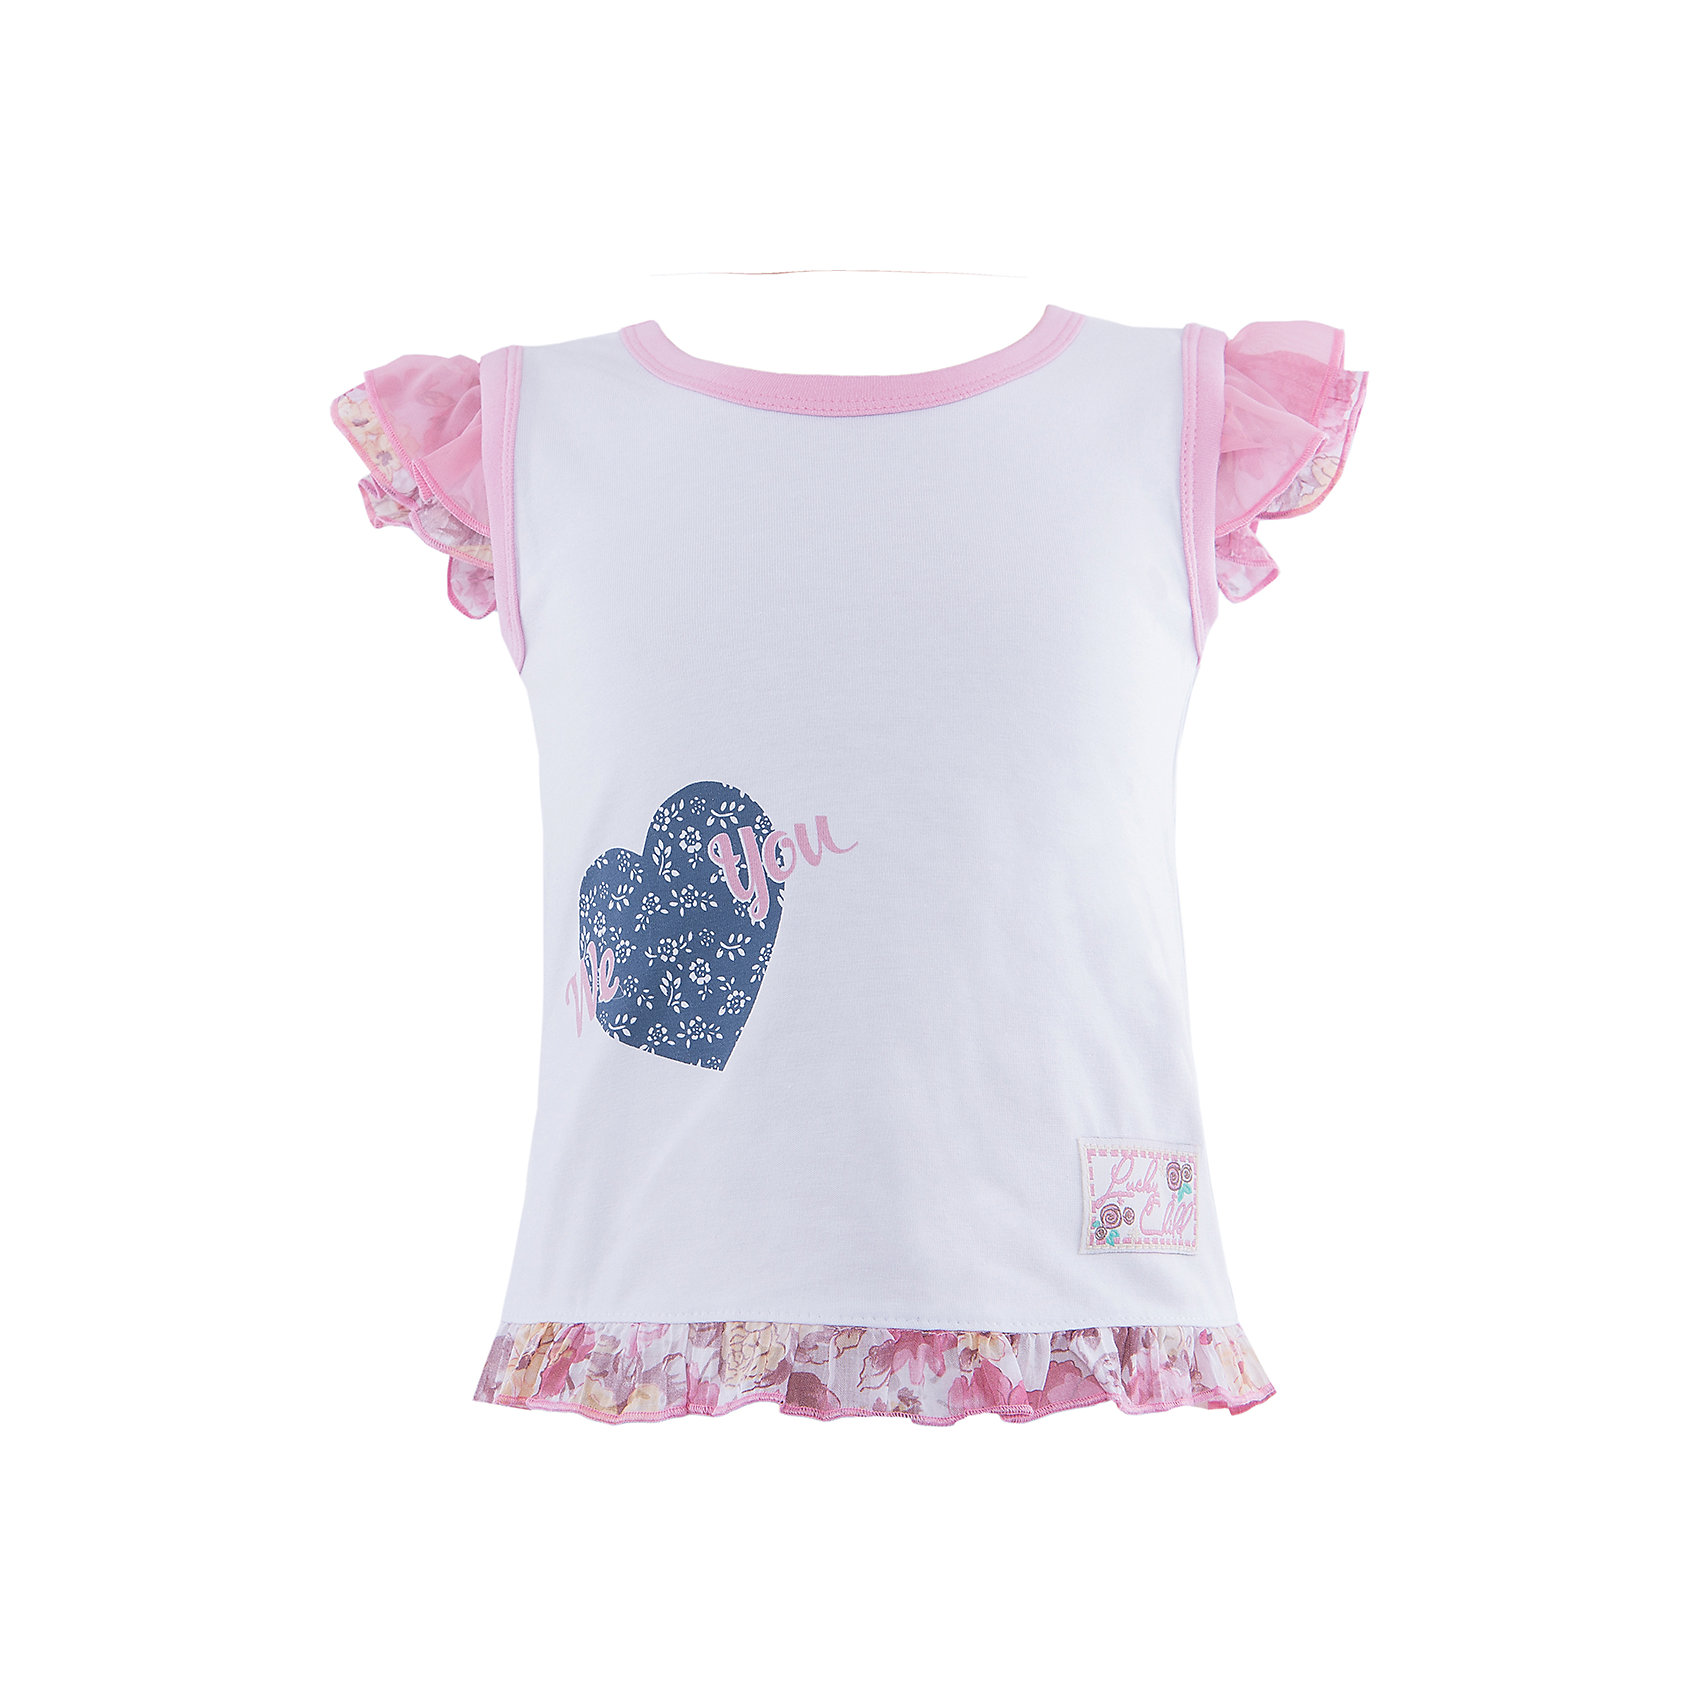 Футболка для девочки Lucky ChildФутболки, топы<br>Футболка для девочки от известной марки Lucky Child<br><br>Модная и удобная футболка создана специально для девочек. Очень нежная и красивая модель. Сшита из натурального хлопкового трикотажа, мягкого и дышащего. Такой материал не вызывает аллергии и позволяет одежде комфортно сидеть на ребенке. Отделана жатым батистом с цветочным принтом.<br><br>Особенности модели:<br><br>- цвет: белый, розовый;<br>- рукава-крылья;<br>- натуральный материал;<br>- аппликация из ткани с сердцем;<br>- декорирована оборкой;<br>- круглый горловой вырез.<br><br>Дополнительная информация:<br><br>Состав: 100% хлопок (интерлок)<br><br>Футболку для девочки от Lucky Child (Лаки Чайлд) можно купить в нашем магазине.<br><br>Ширина мм: 157<br>Глубина мм: 13<br>Высота мм: 119<br>Вес г: 200<br>Цвет: белый<br>Возраст от месяцев: -2147483648<br>Возраст до месяцев: 2147483647<br>Пол: Женский<br>Возраст: Детский<br>Размер: 104/110,98/104,86/92,122/128,92/98,128/134,116/122,110/116<br>SKU: 4585103